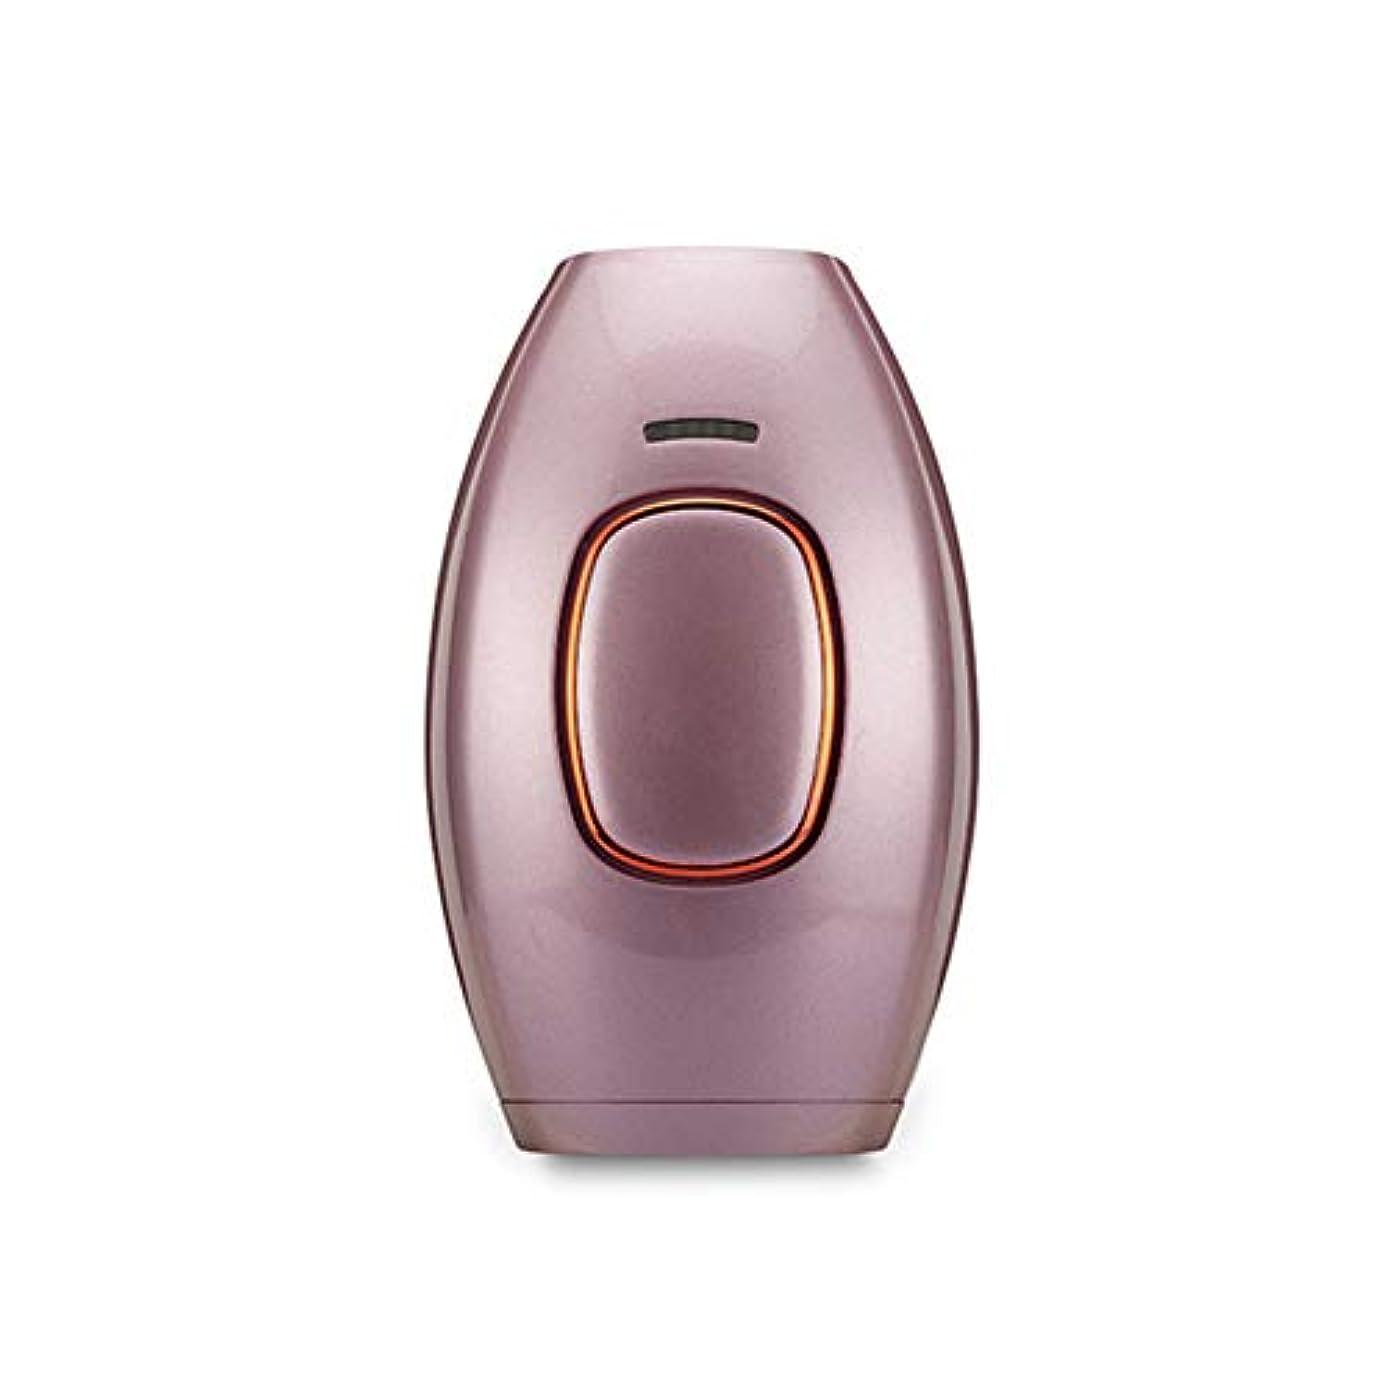 ポータブルIPLレーザー脱毛システム30万回のフラッシュ無痛常設パルス光脱毛器デバイス、にとってボディフェイス脇の下ビキニライン,Rose